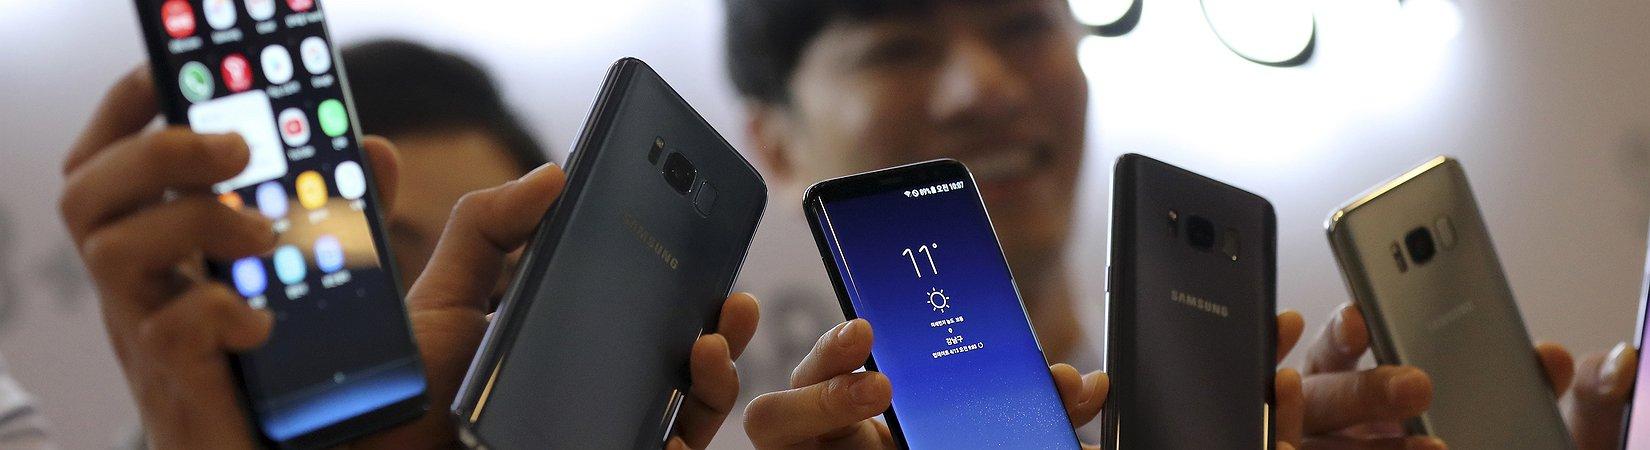 Samsung podría superar a Apple como la empresa de tecnología más rentable del mundo